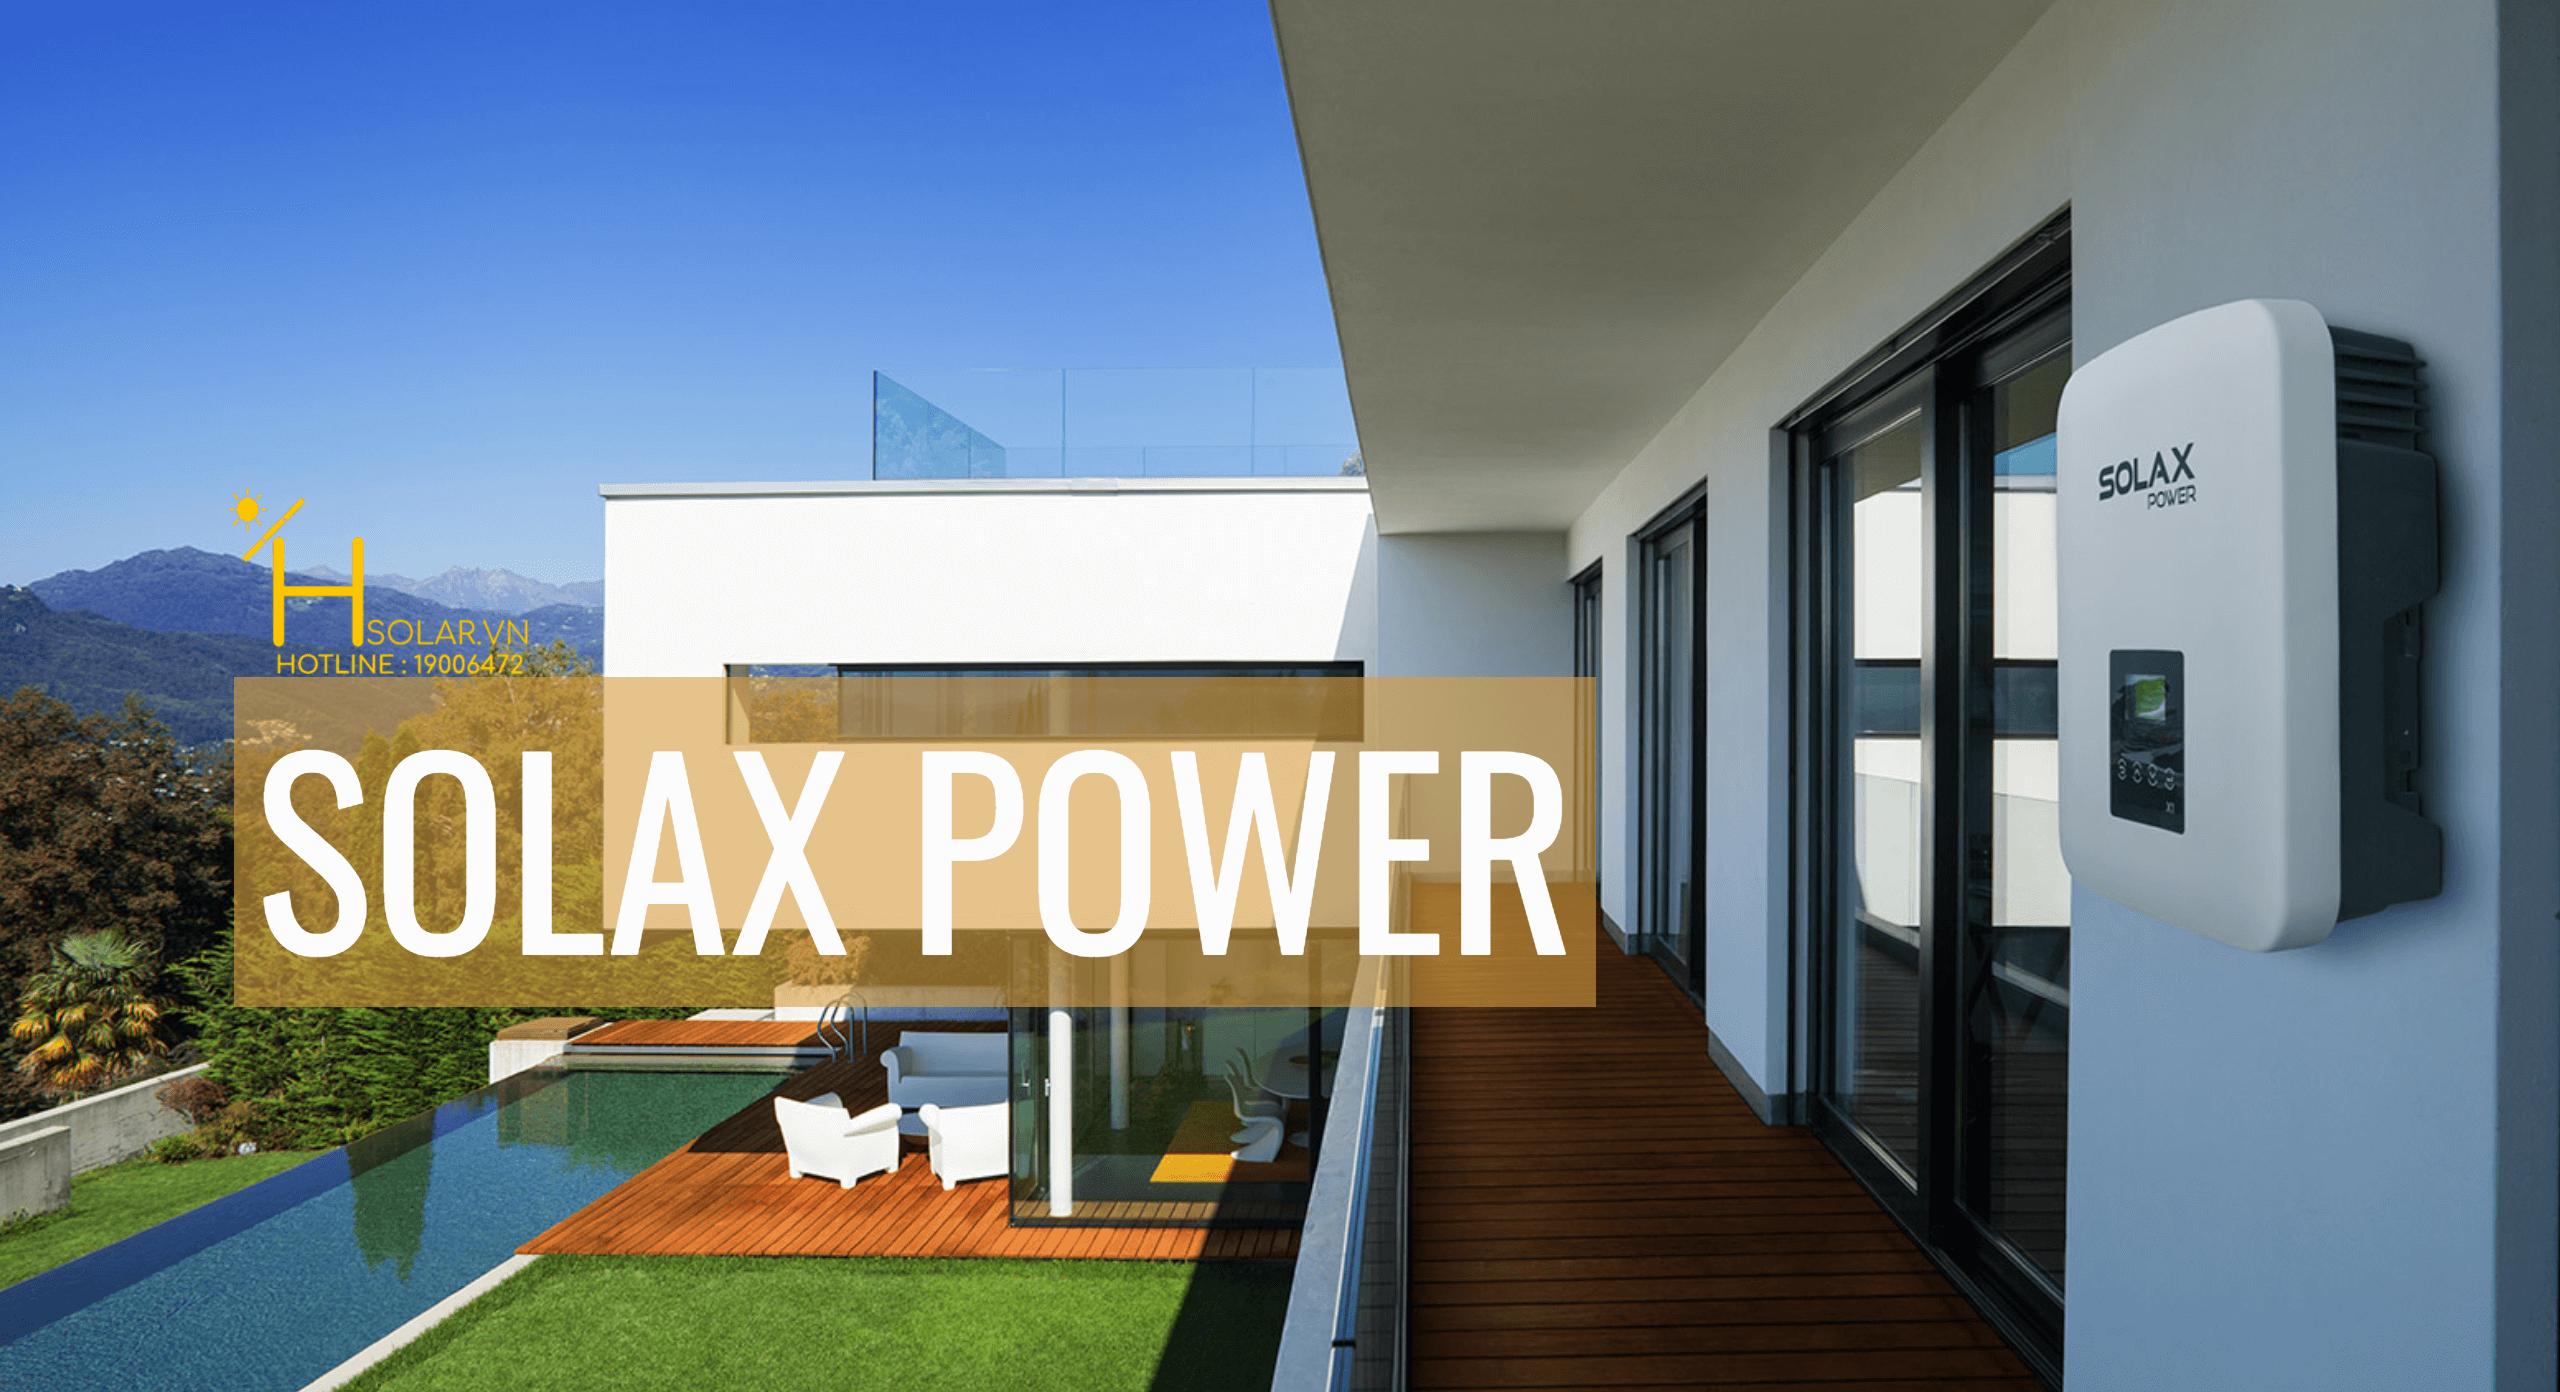 Bộ inverter hòa lưới điện mặt trời 3 phase Solax X3